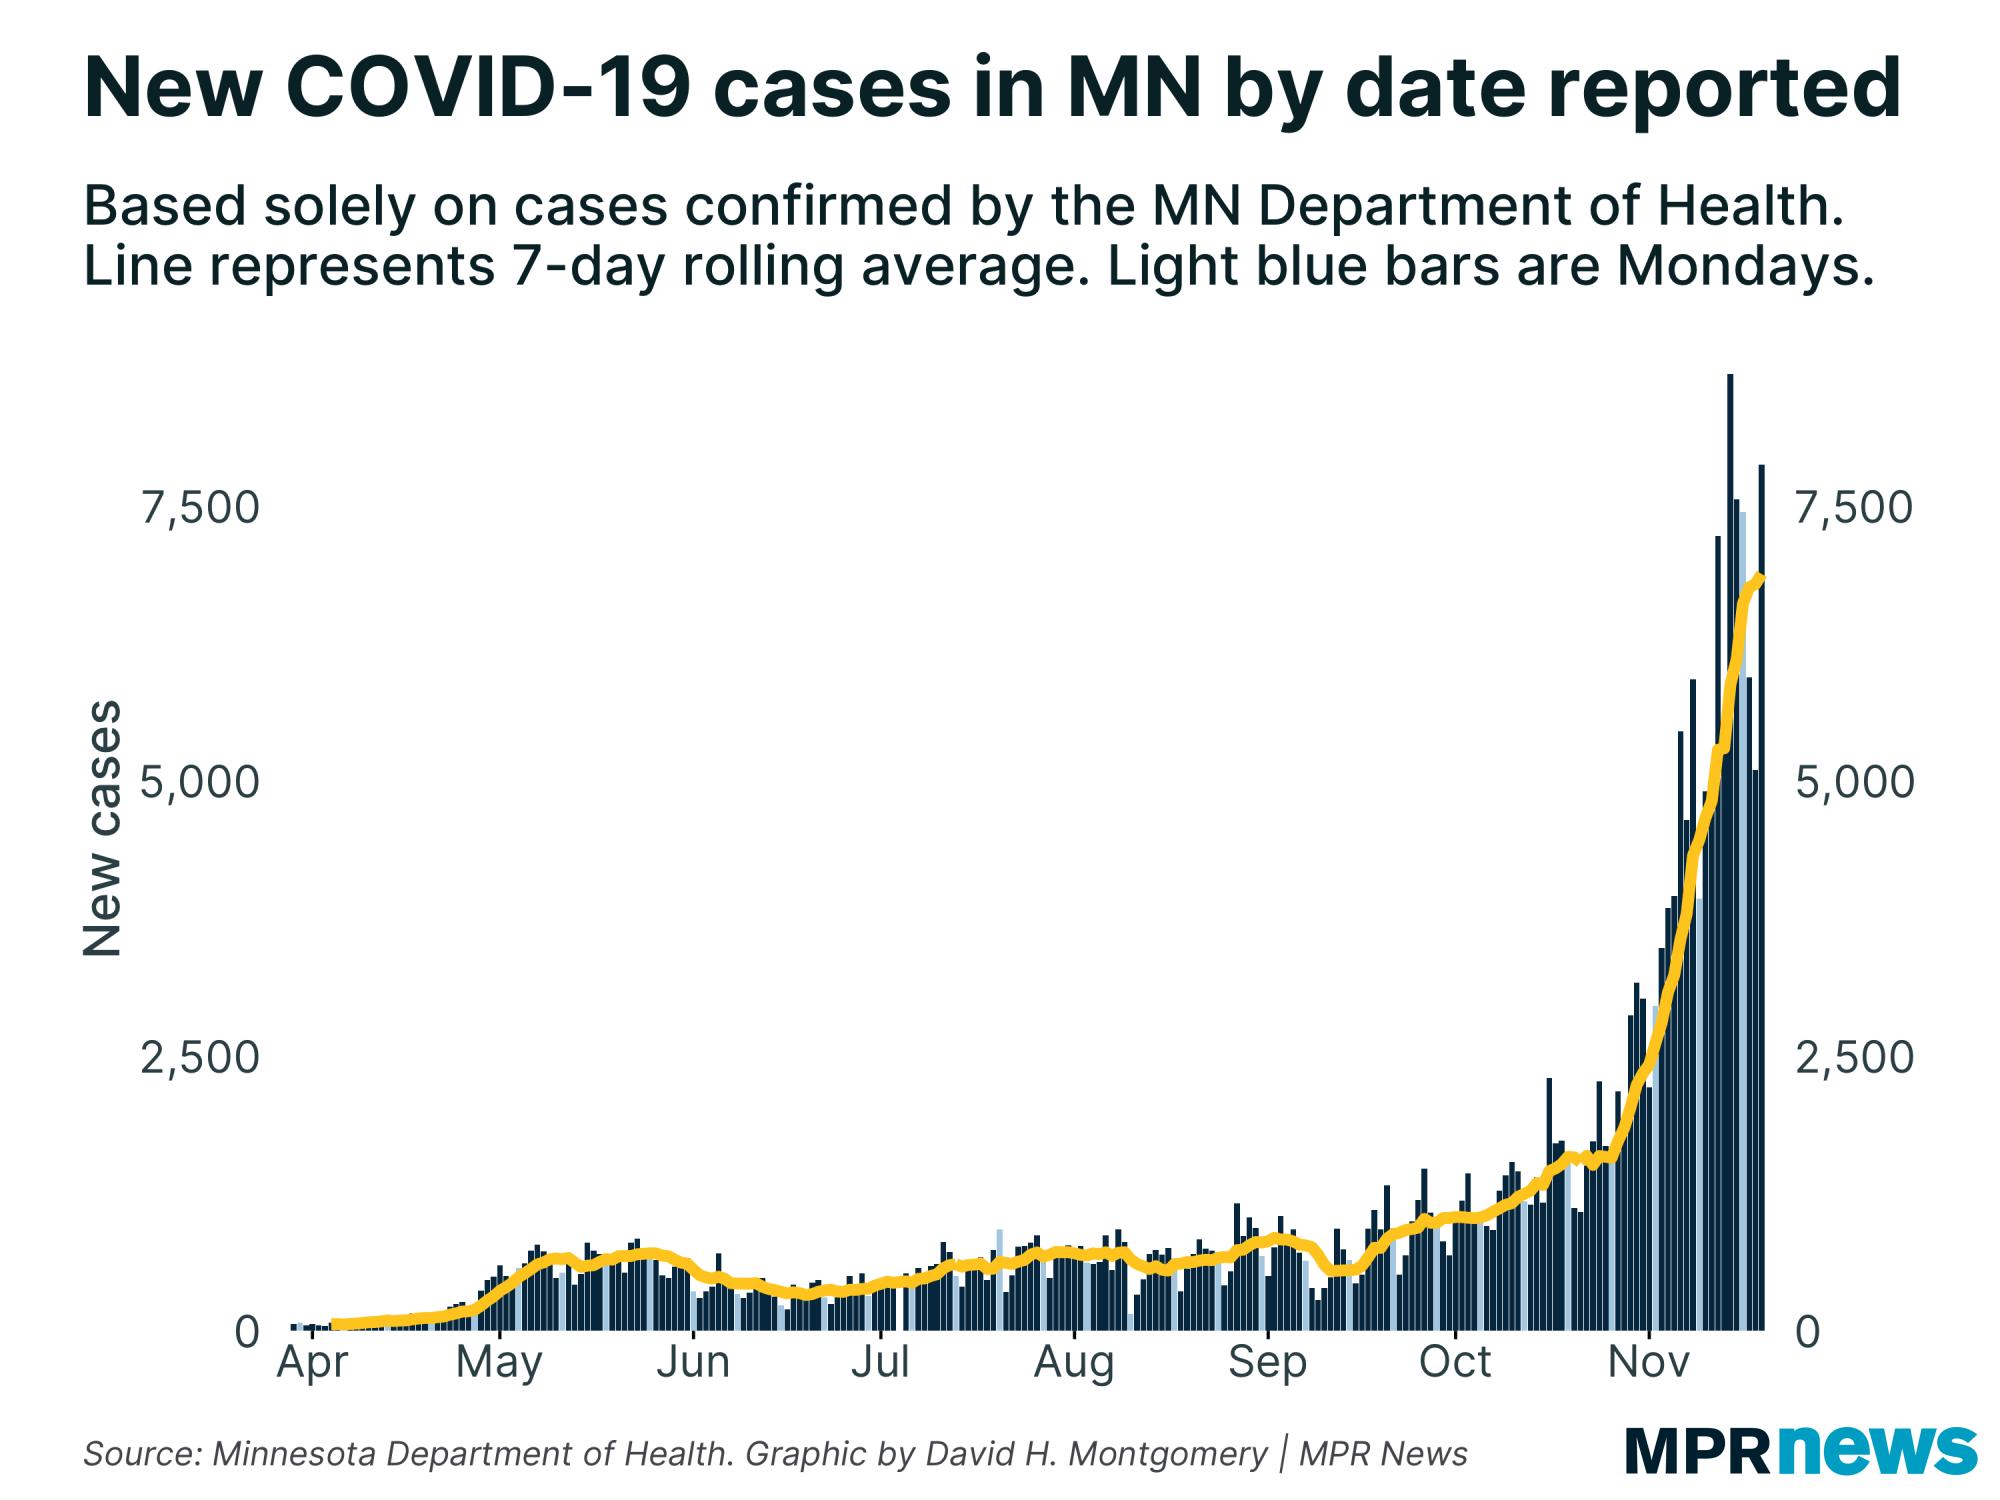 New COVID-19 cases per day in Minnesota